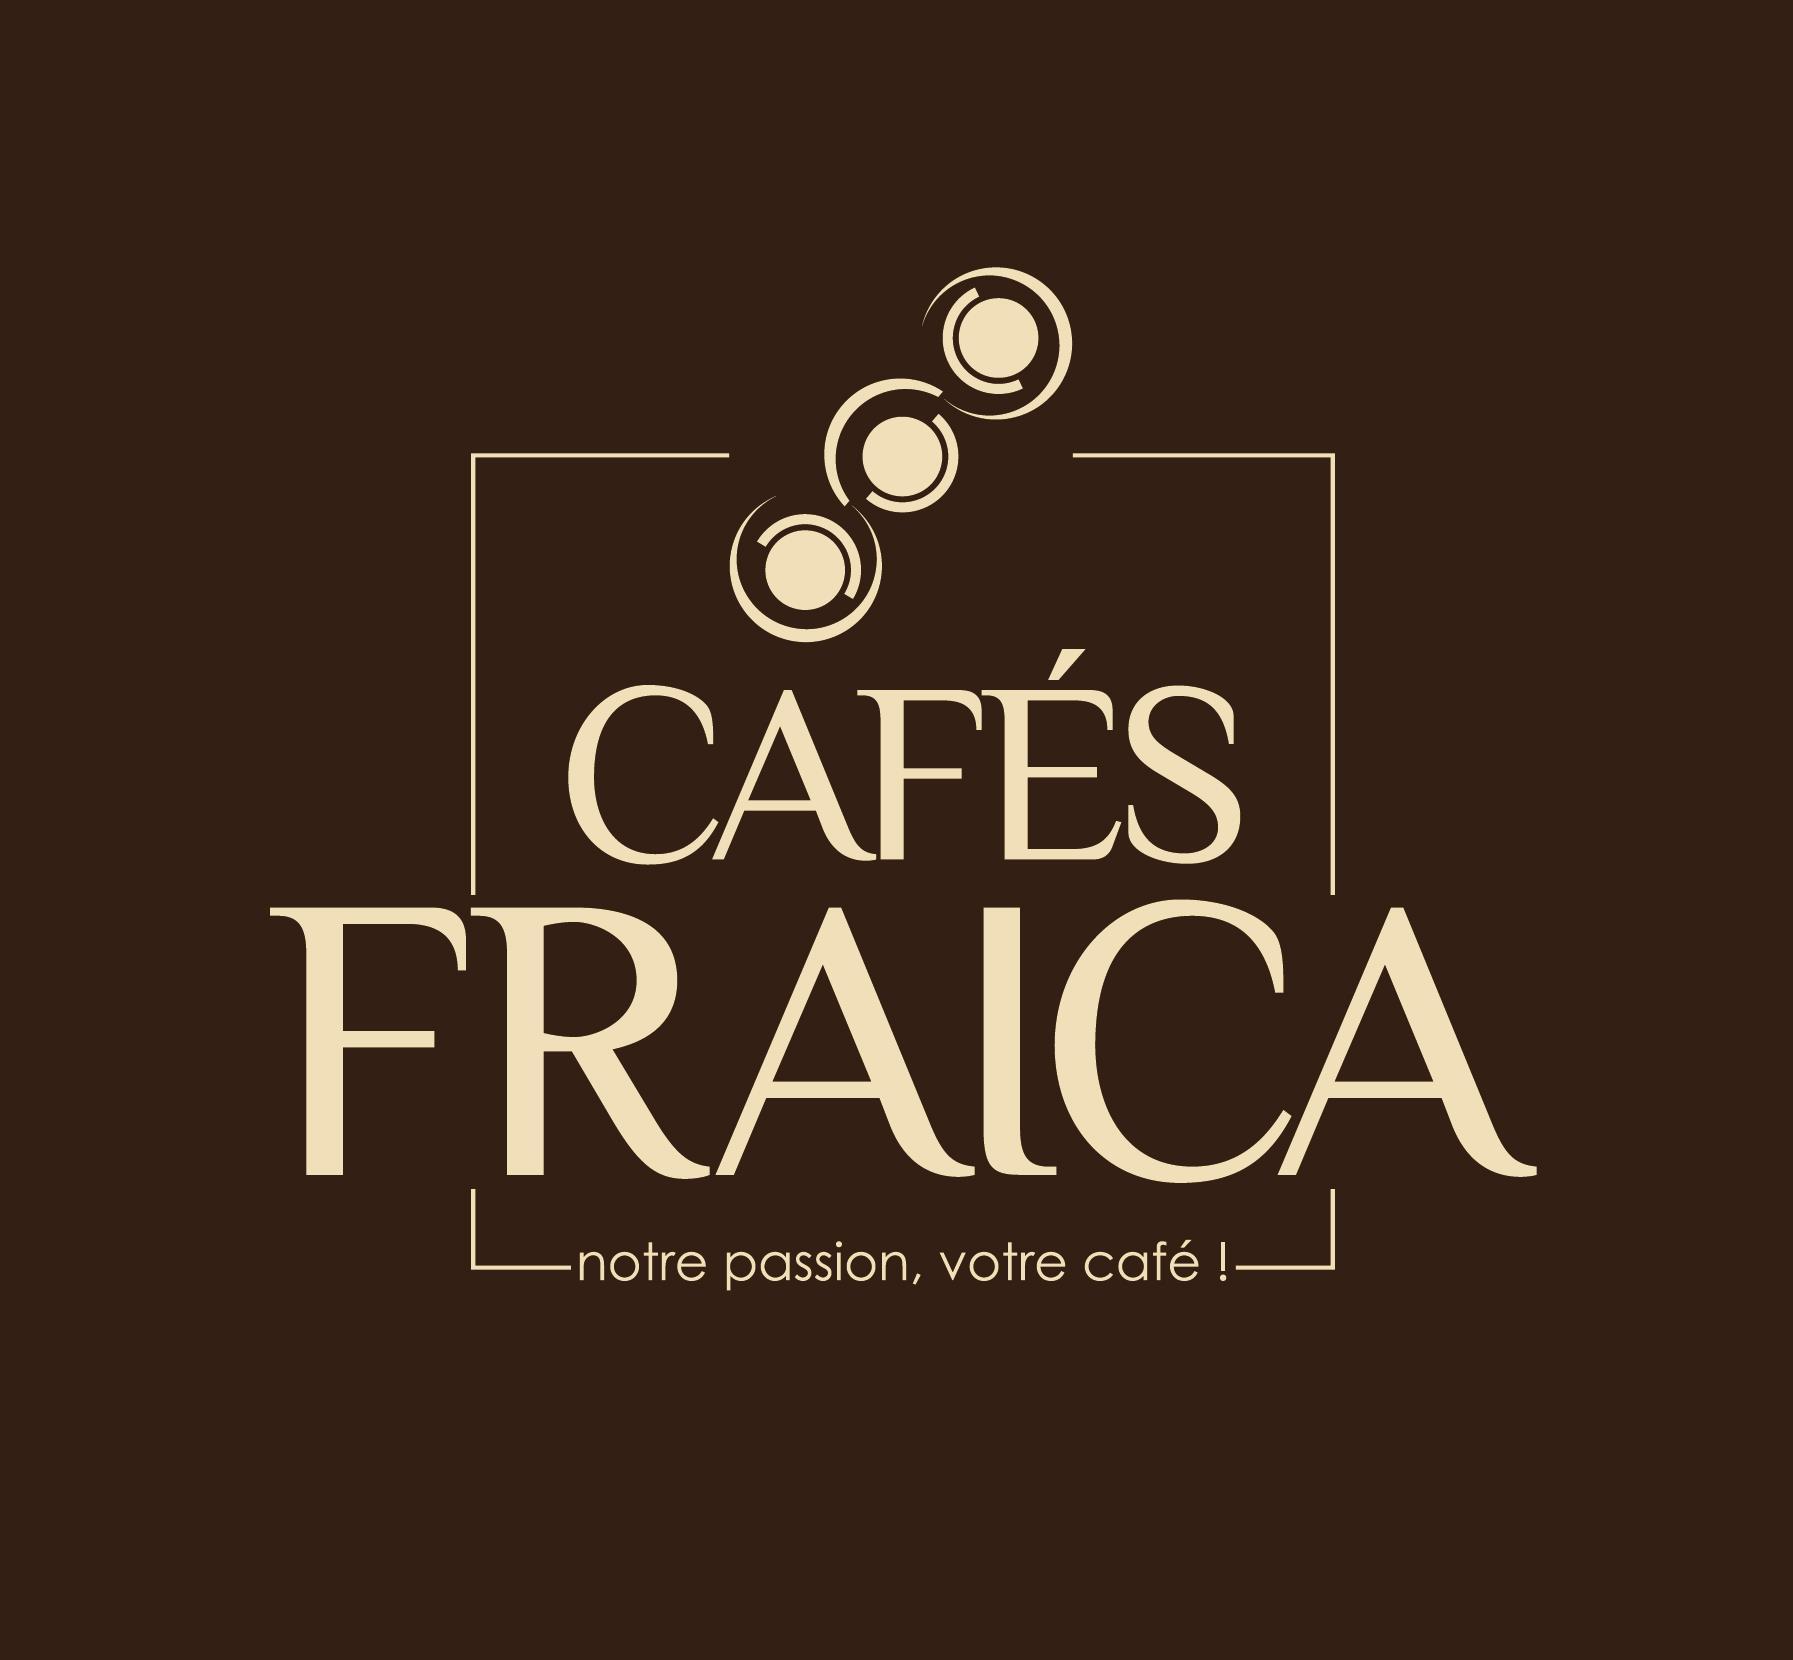 4 sachets de café 250g en grain ou moulu achetés + le 5éme offert (Boutique-cafes-fraica.fr)